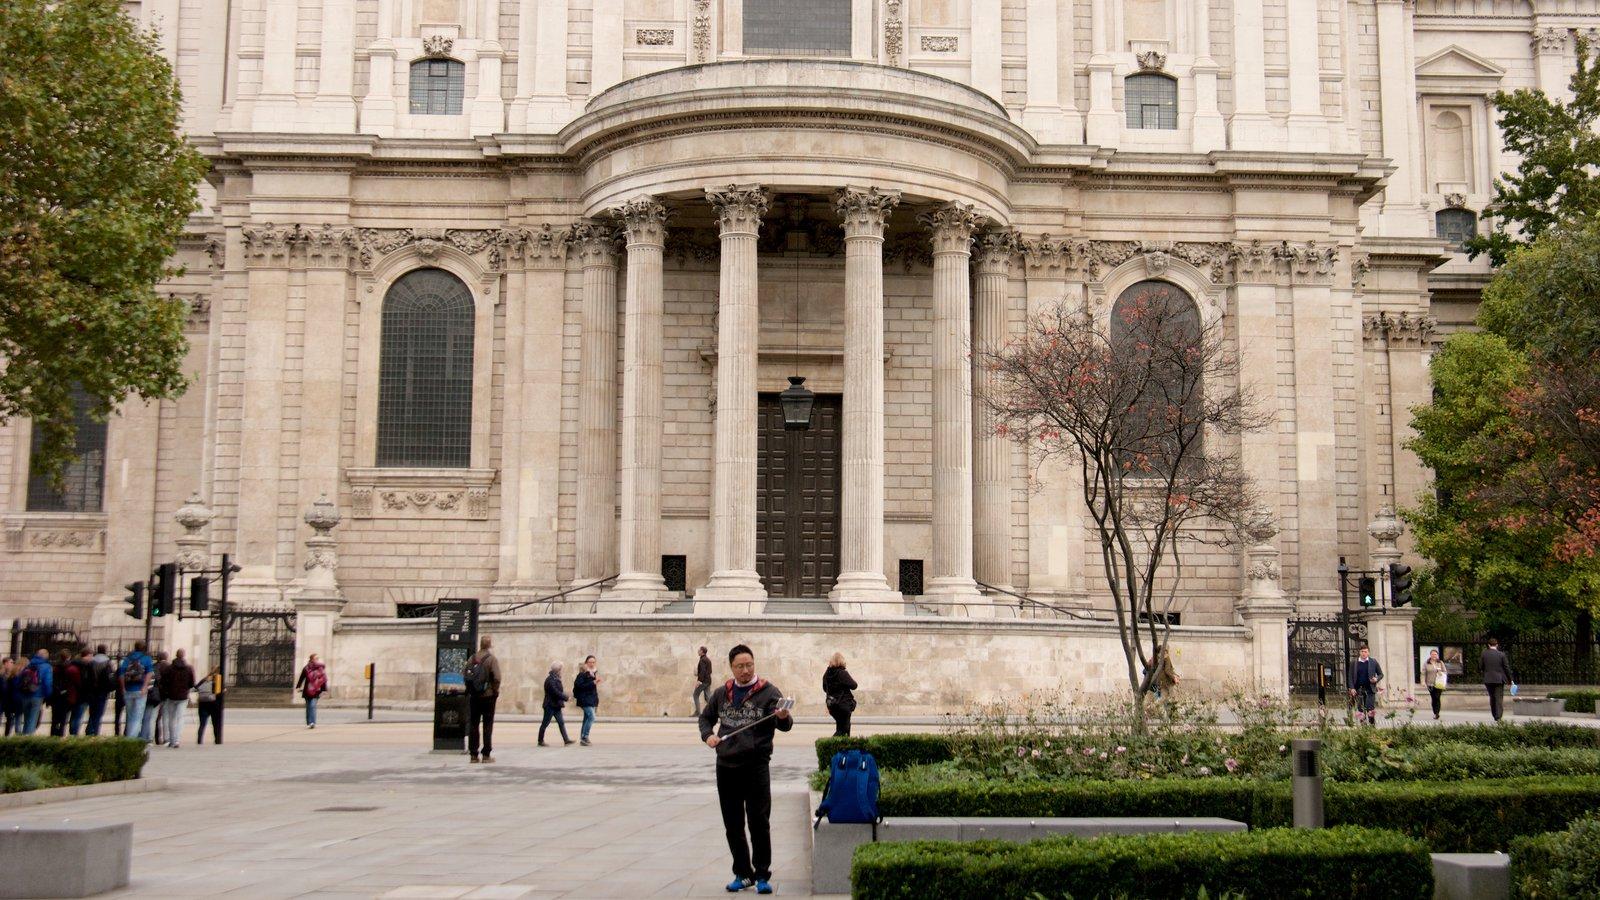 St. Paul\'s Cathedral mostrando arquitetura de patrimônio e uma igreja ou catedral assim como um homem sozinho